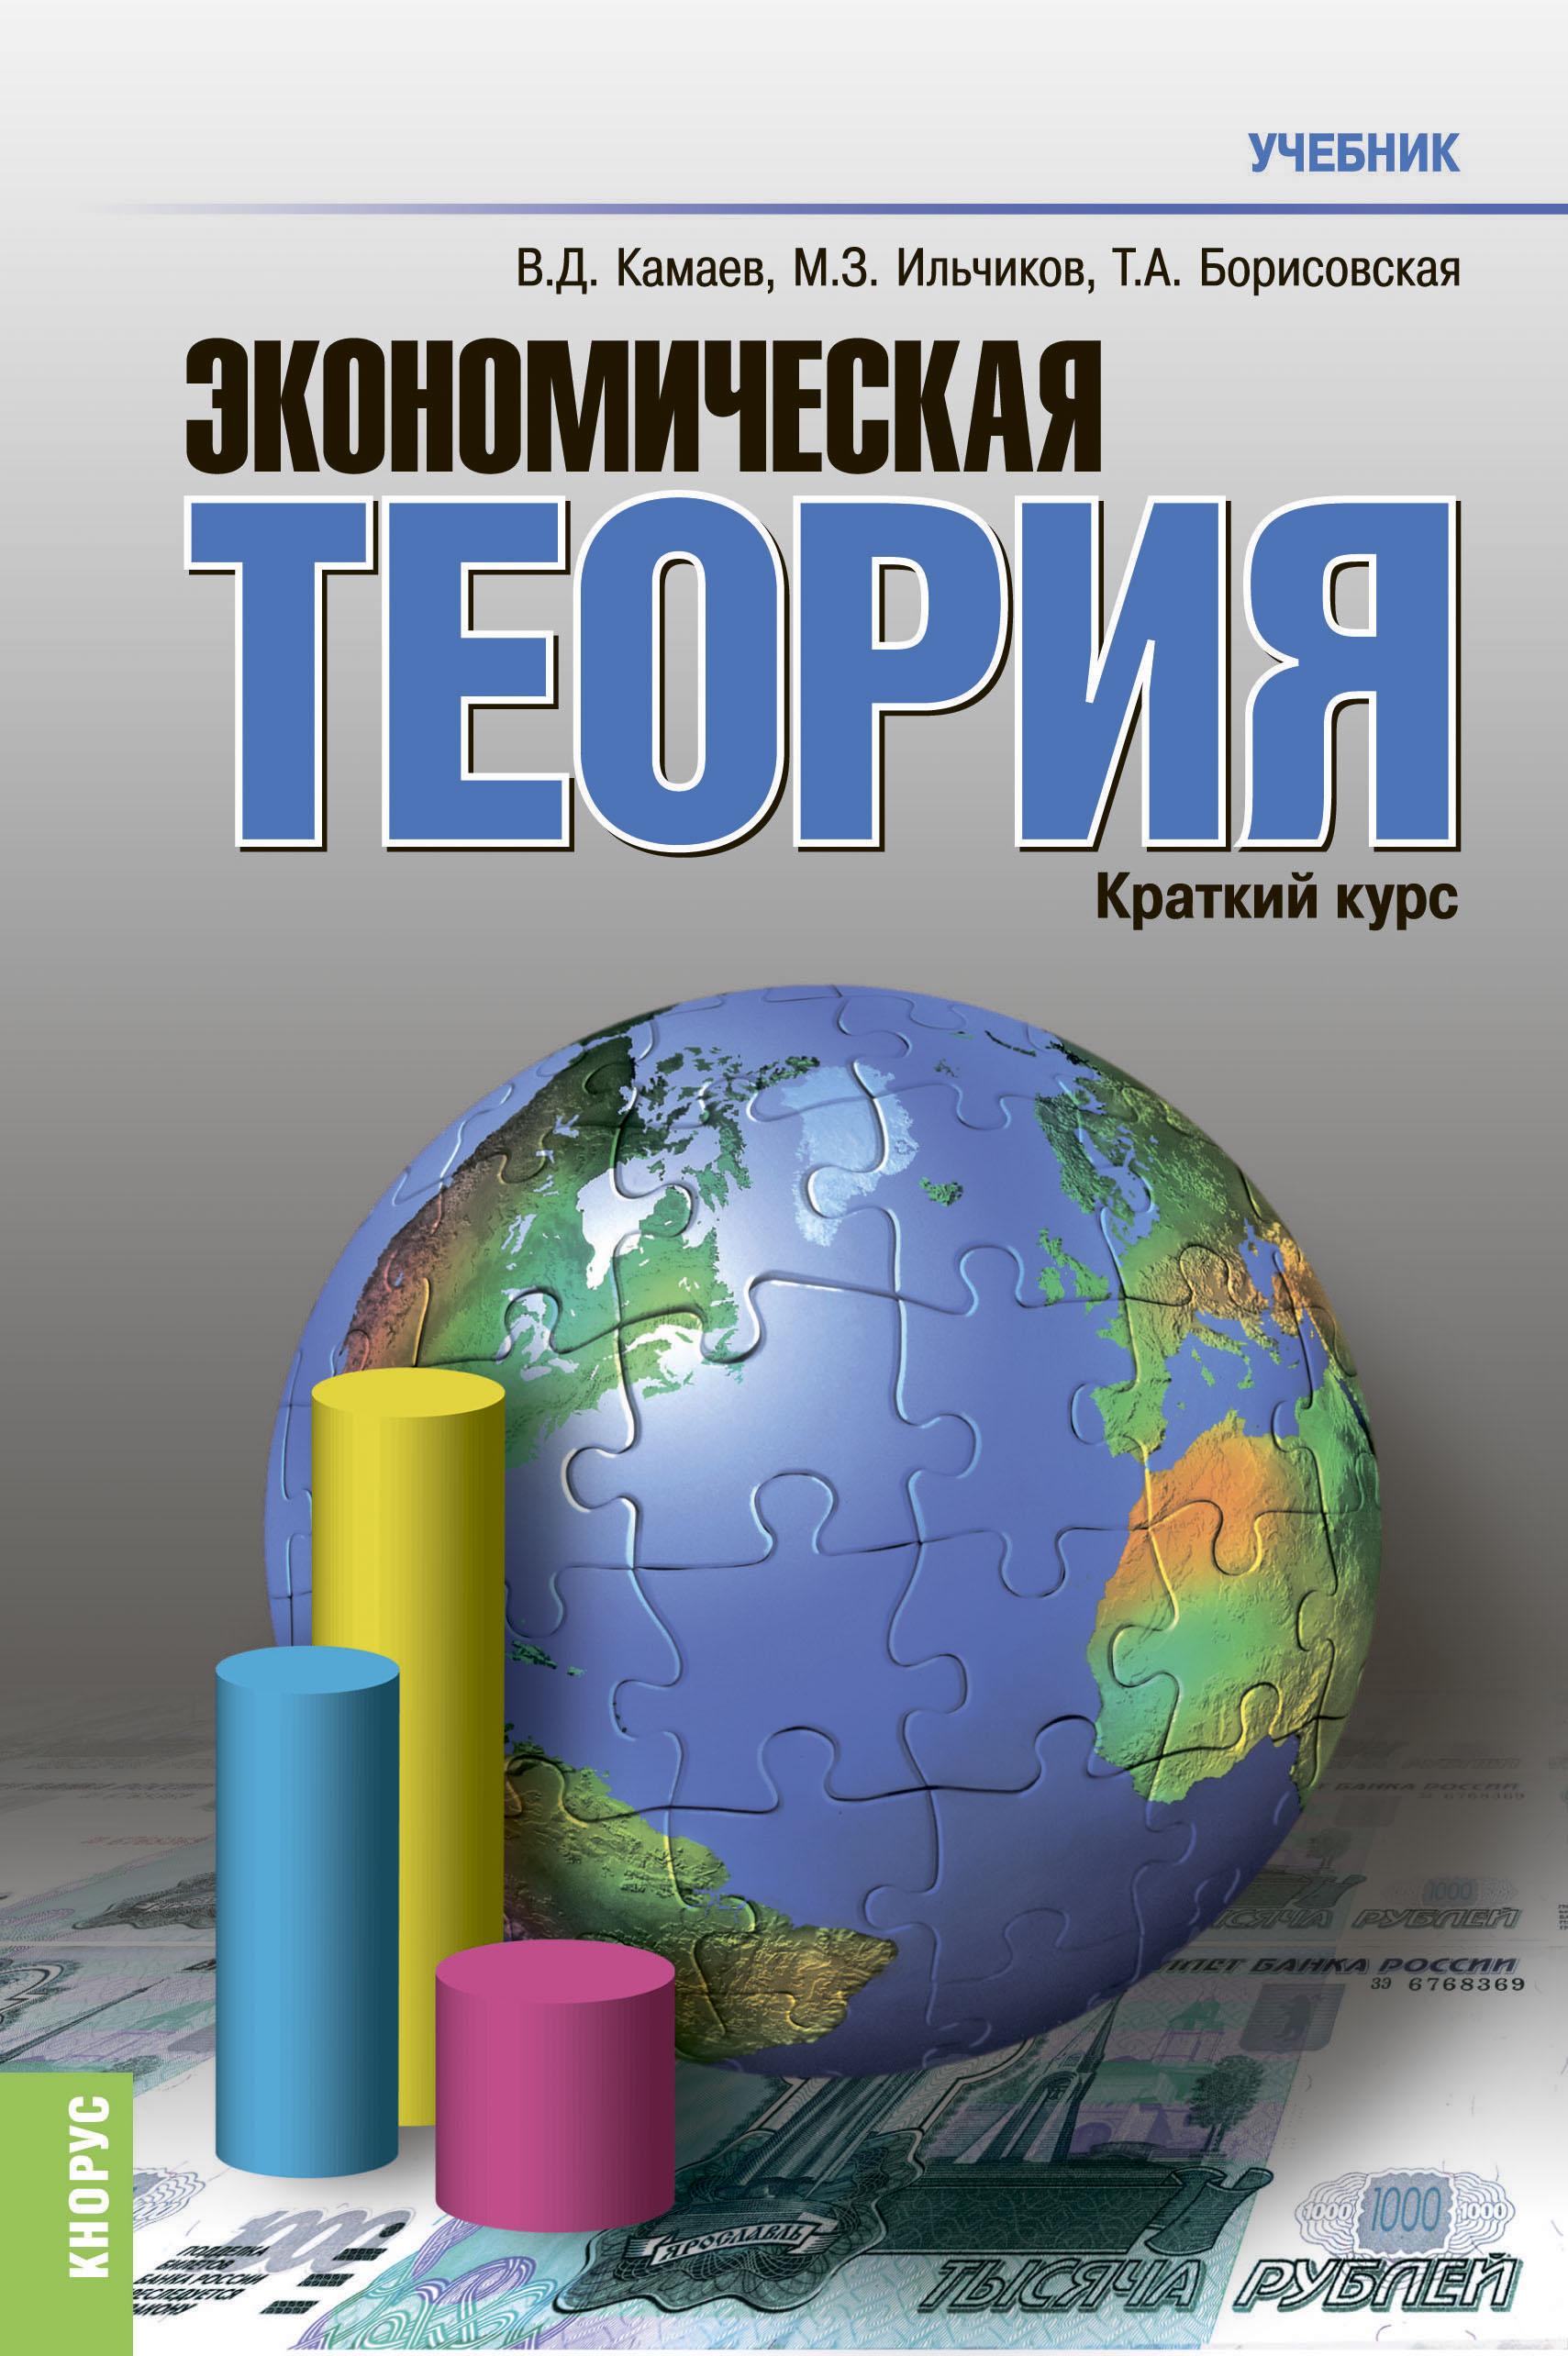 Татьяна Борисовская Экономическая теория. Краткий курс